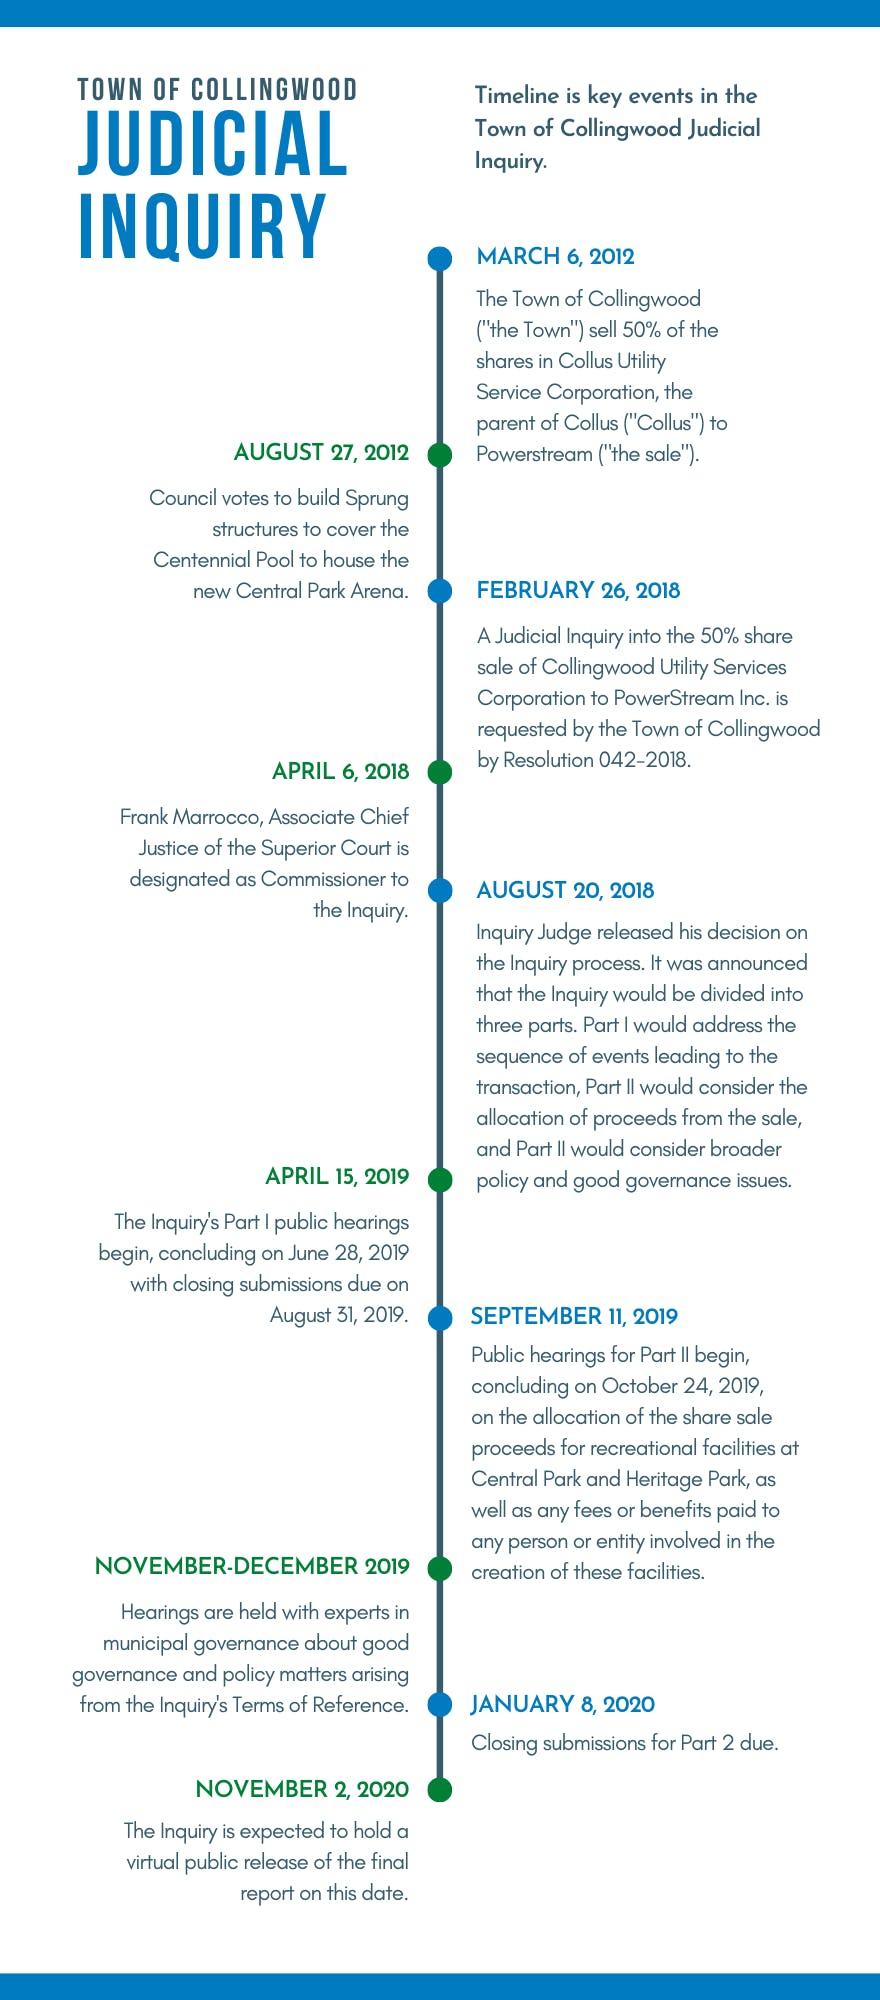 CJI Timeline (1).png